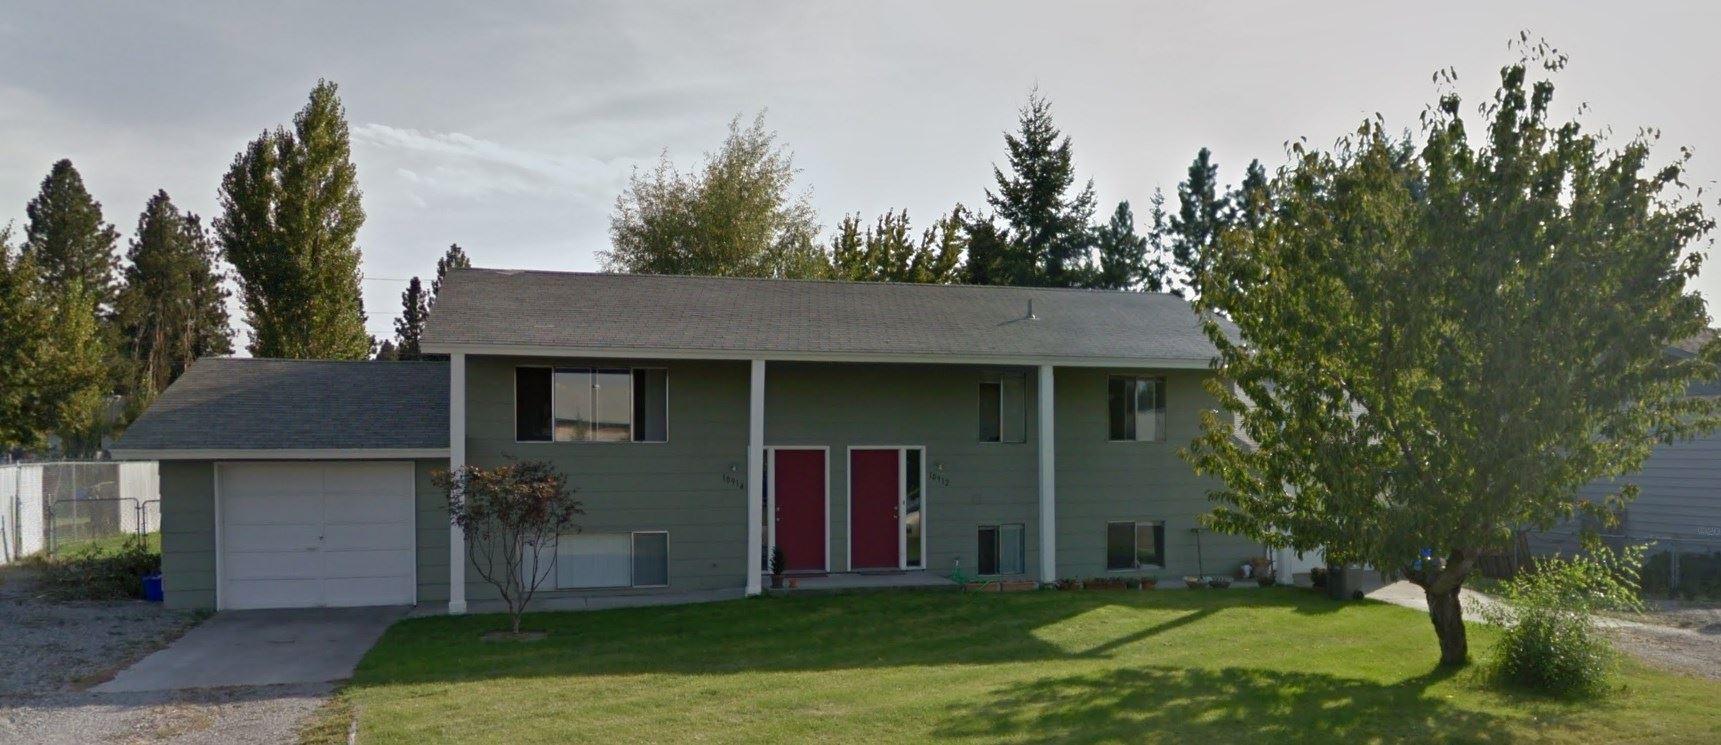 10912 & 10914 E 15th Ave, Spokane Valley, WA 99206 - #: 202113324